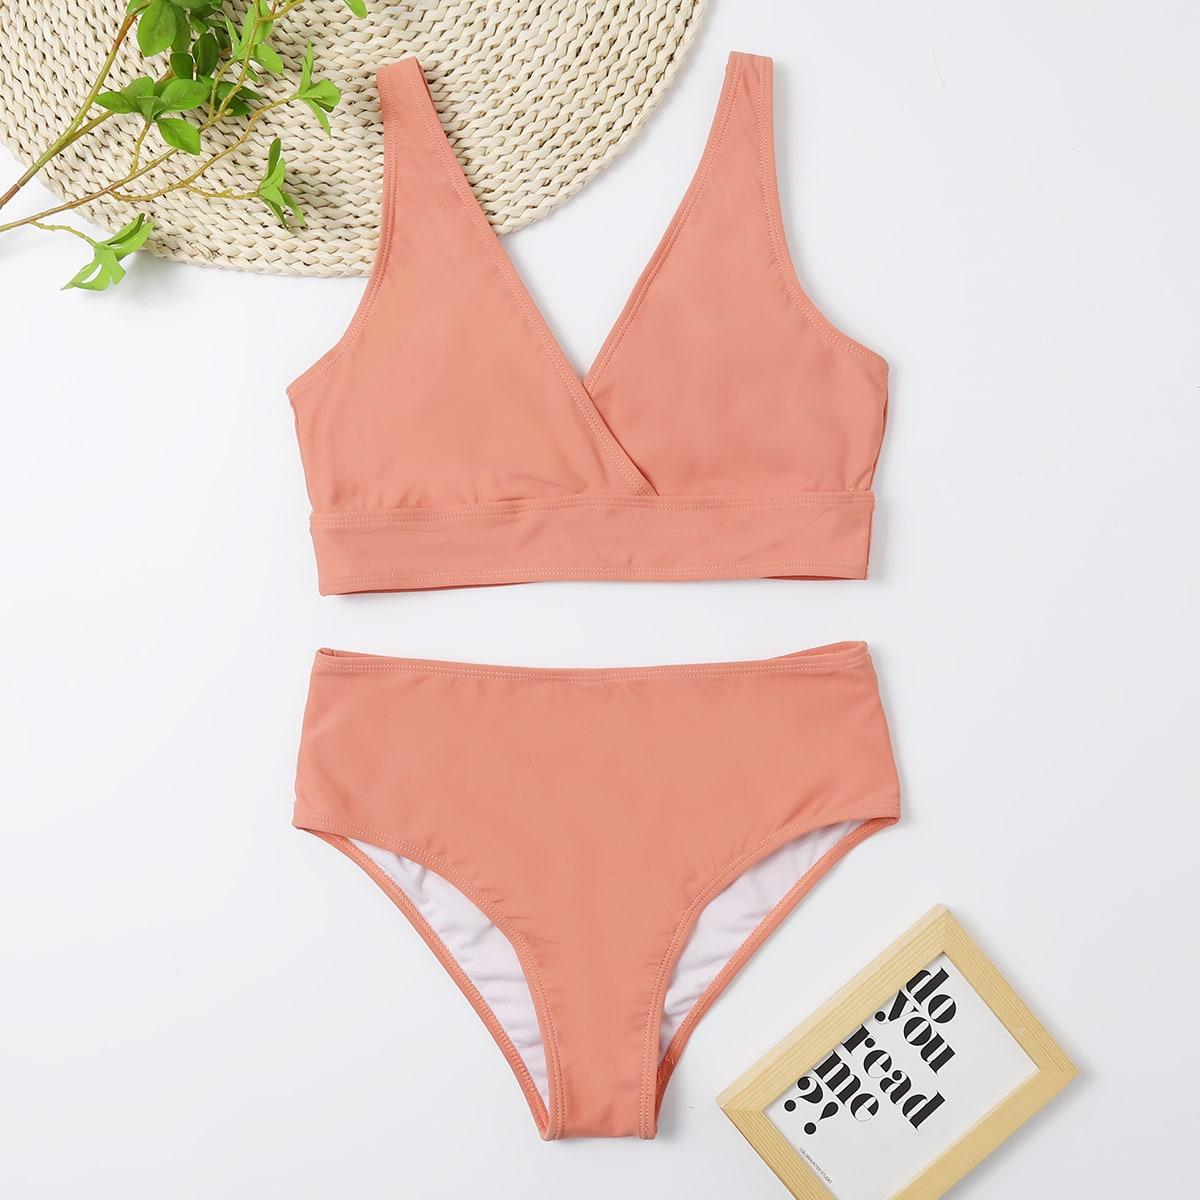 Wrap V Neck Bikini Swimsuit, SHEIN  - buy with discount